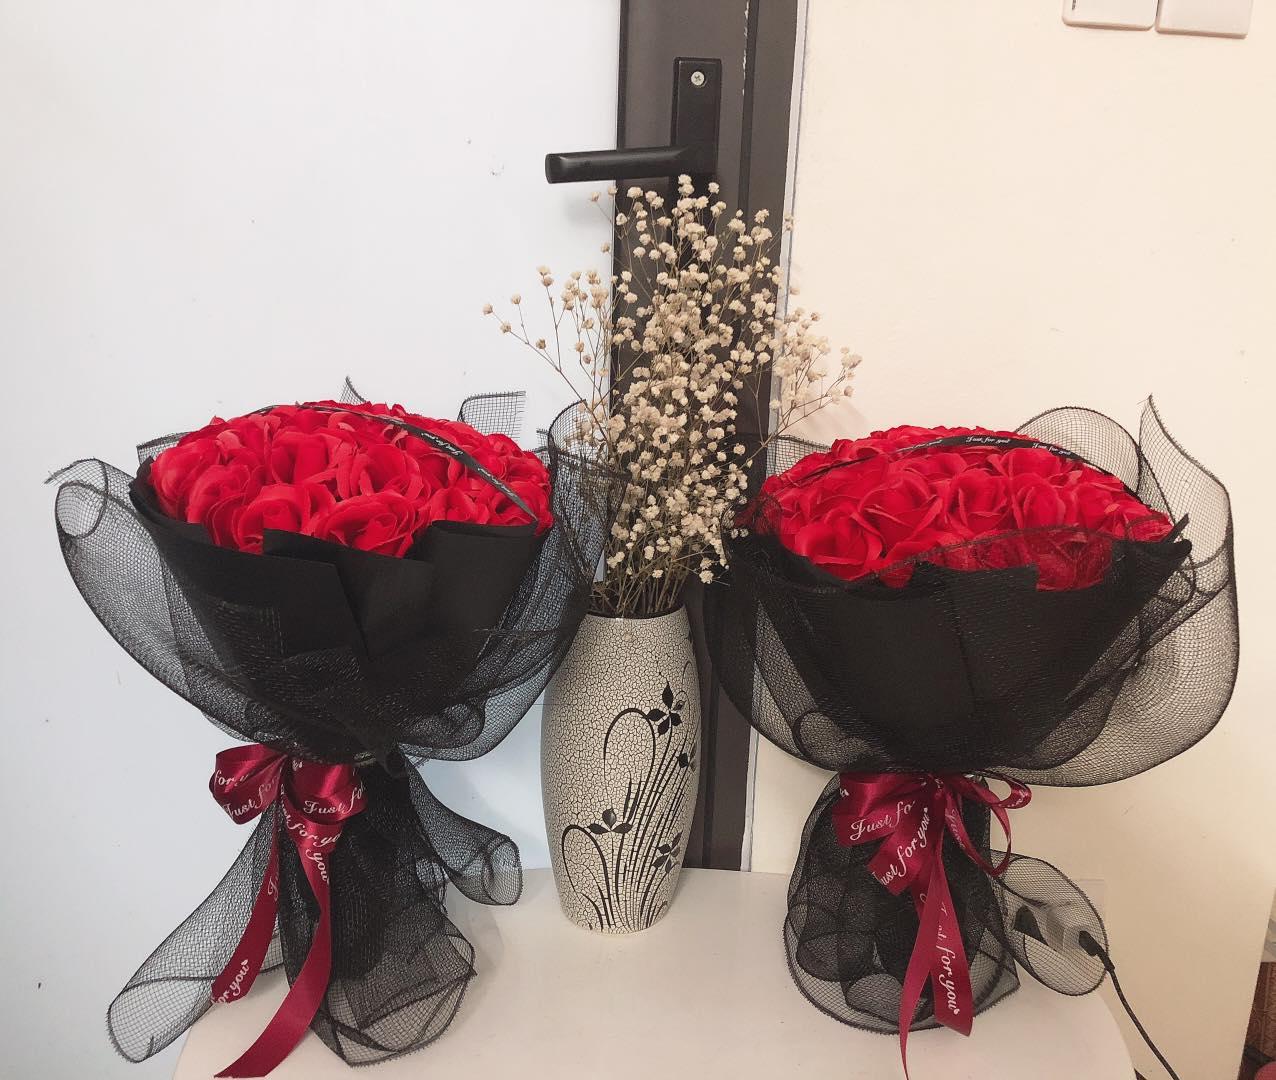 Hoa sáp đỏ phối lưới